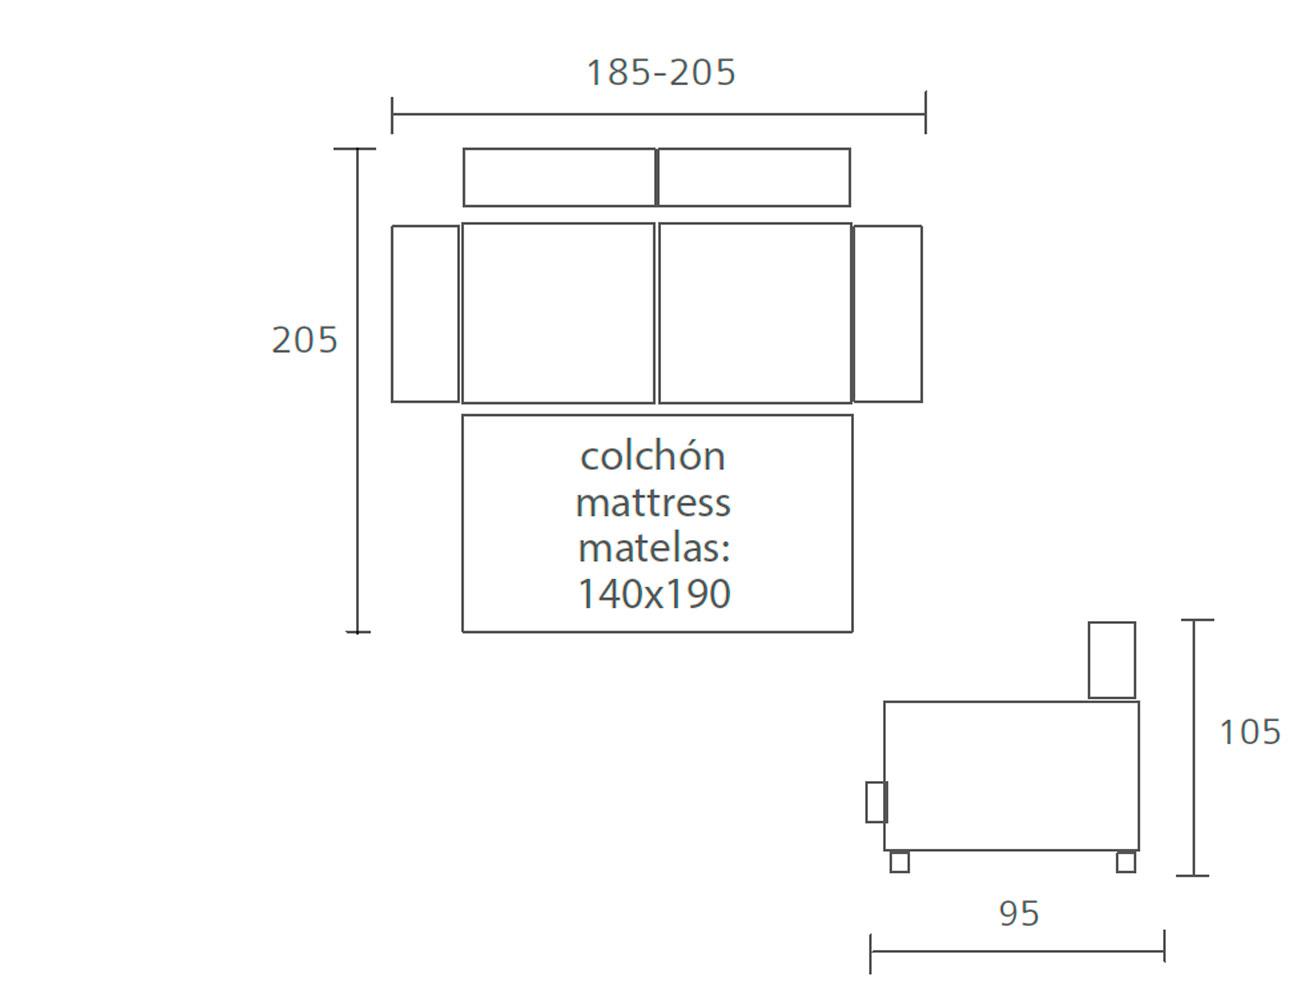 Sofa cama pedro ortiz 185 2055